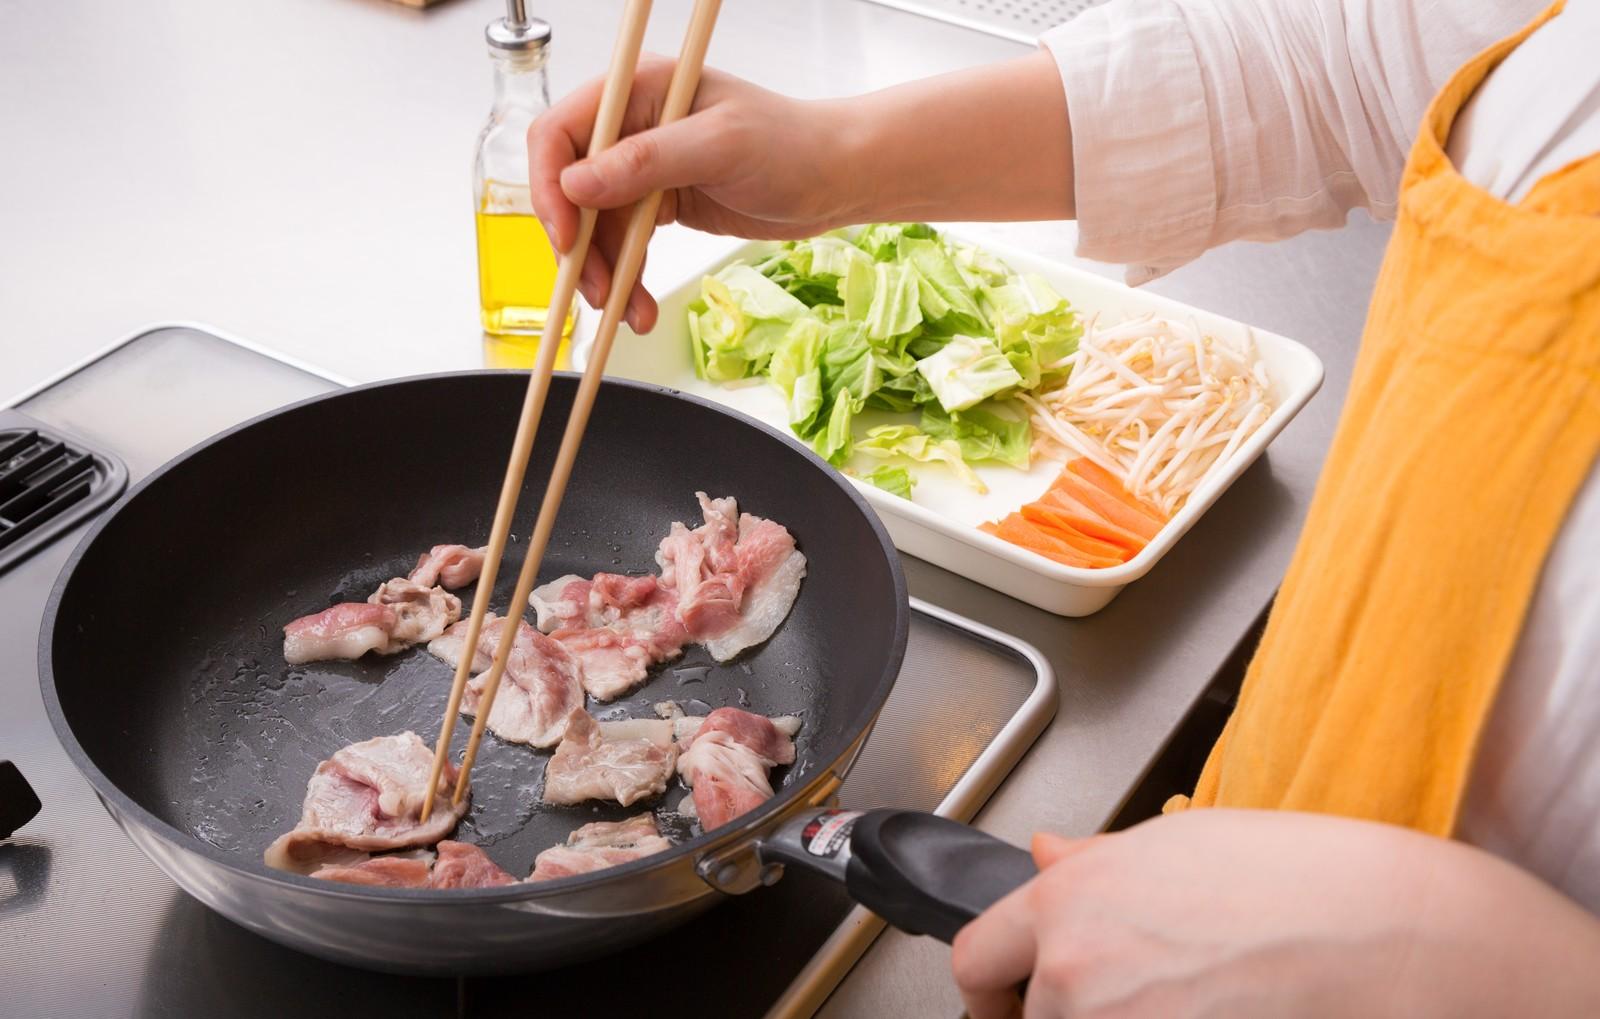 新型コロナ自粛太りに効果的なダイエット方法は?